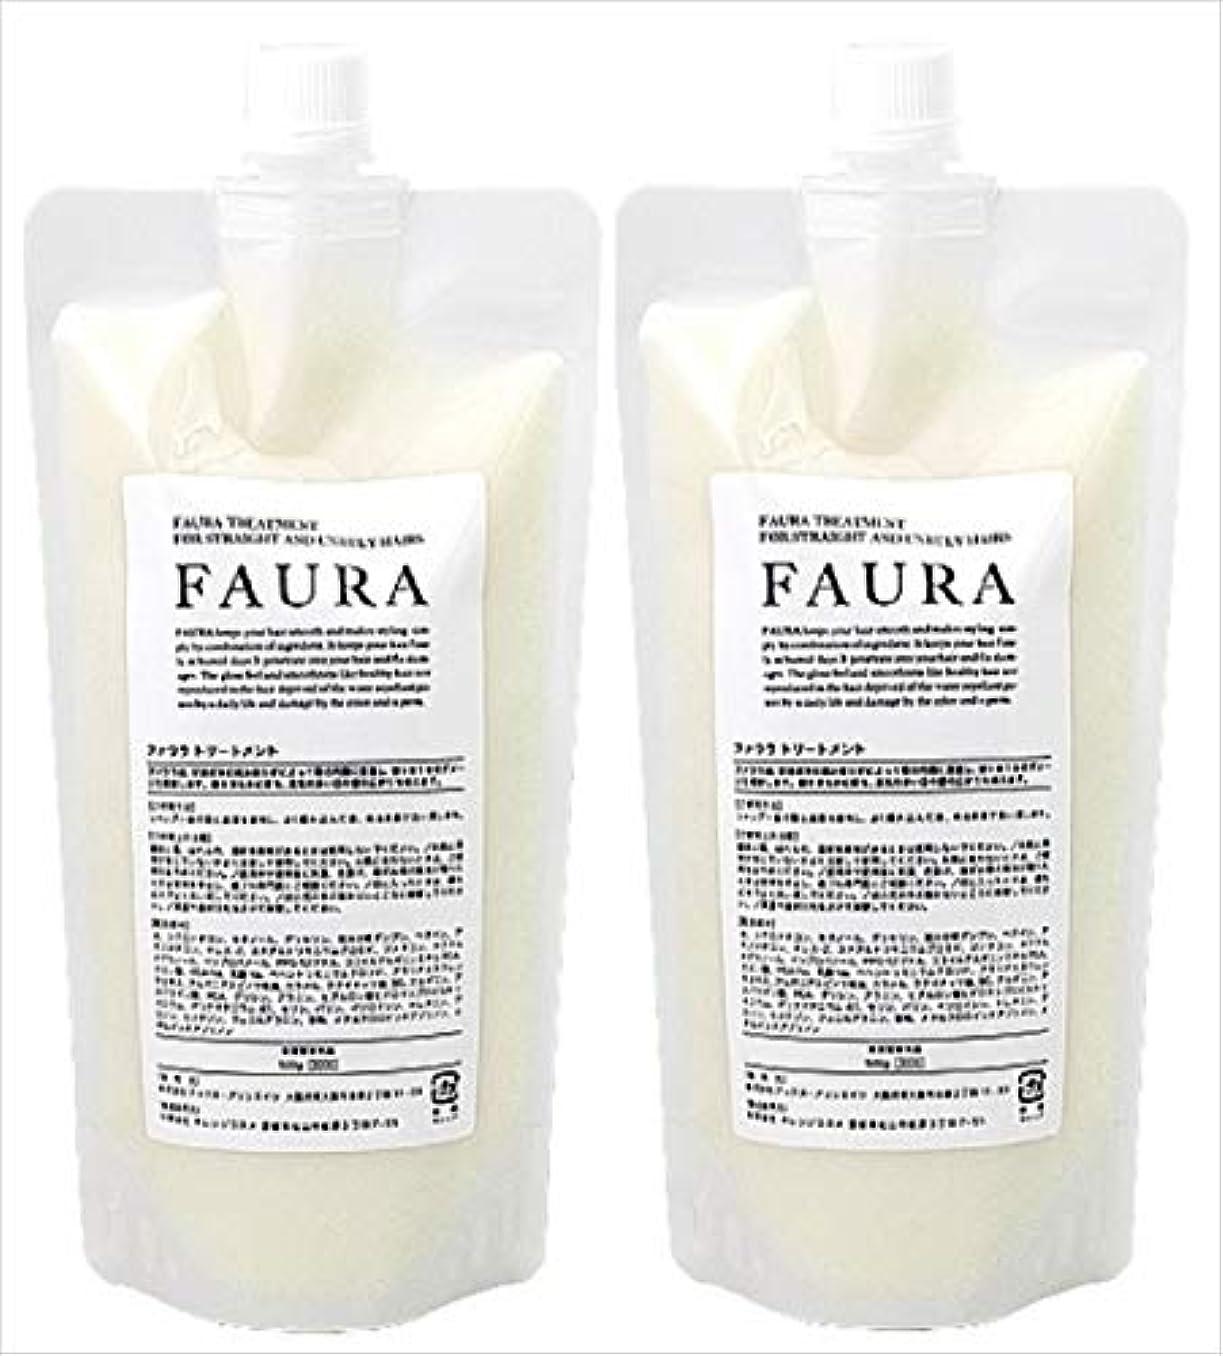 ボランティアデンマーク語ウェブ【送料無料】FAURA ファウラ ヘアトリートメント (傷んだ髪に) 詰替500g2つのセット 【サロン専売品】